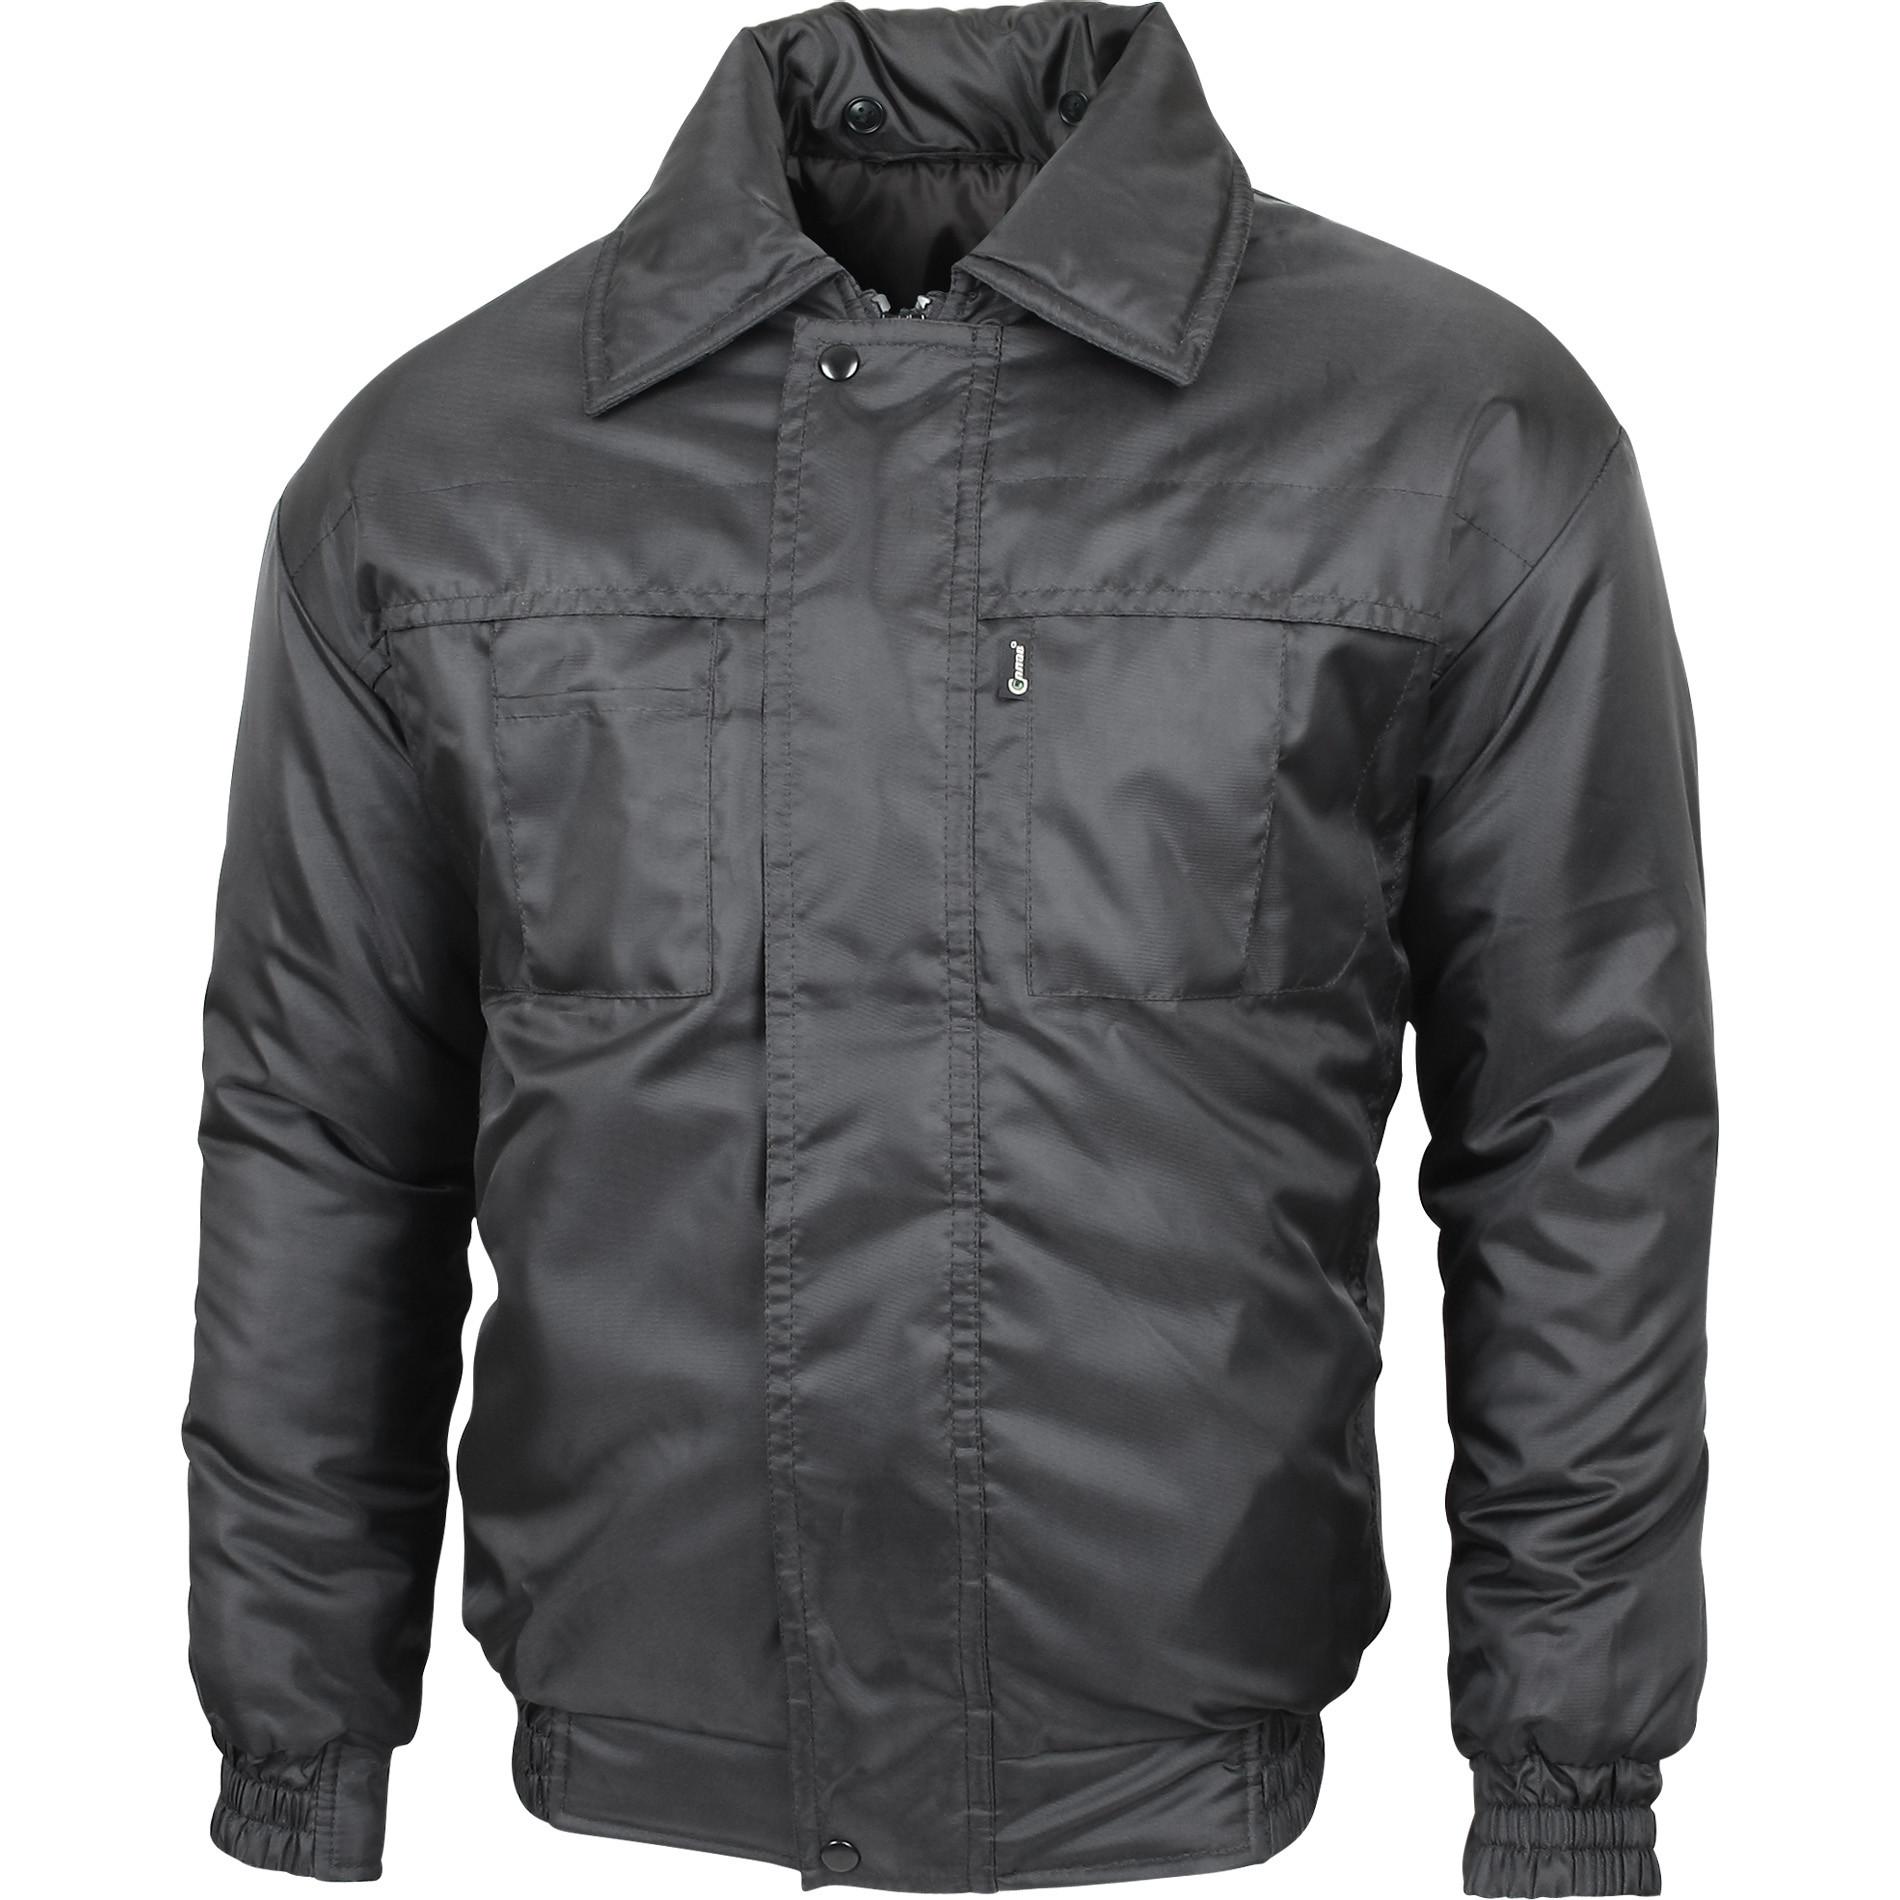 76520f2c2f7 Куртка зимняя М6 черная